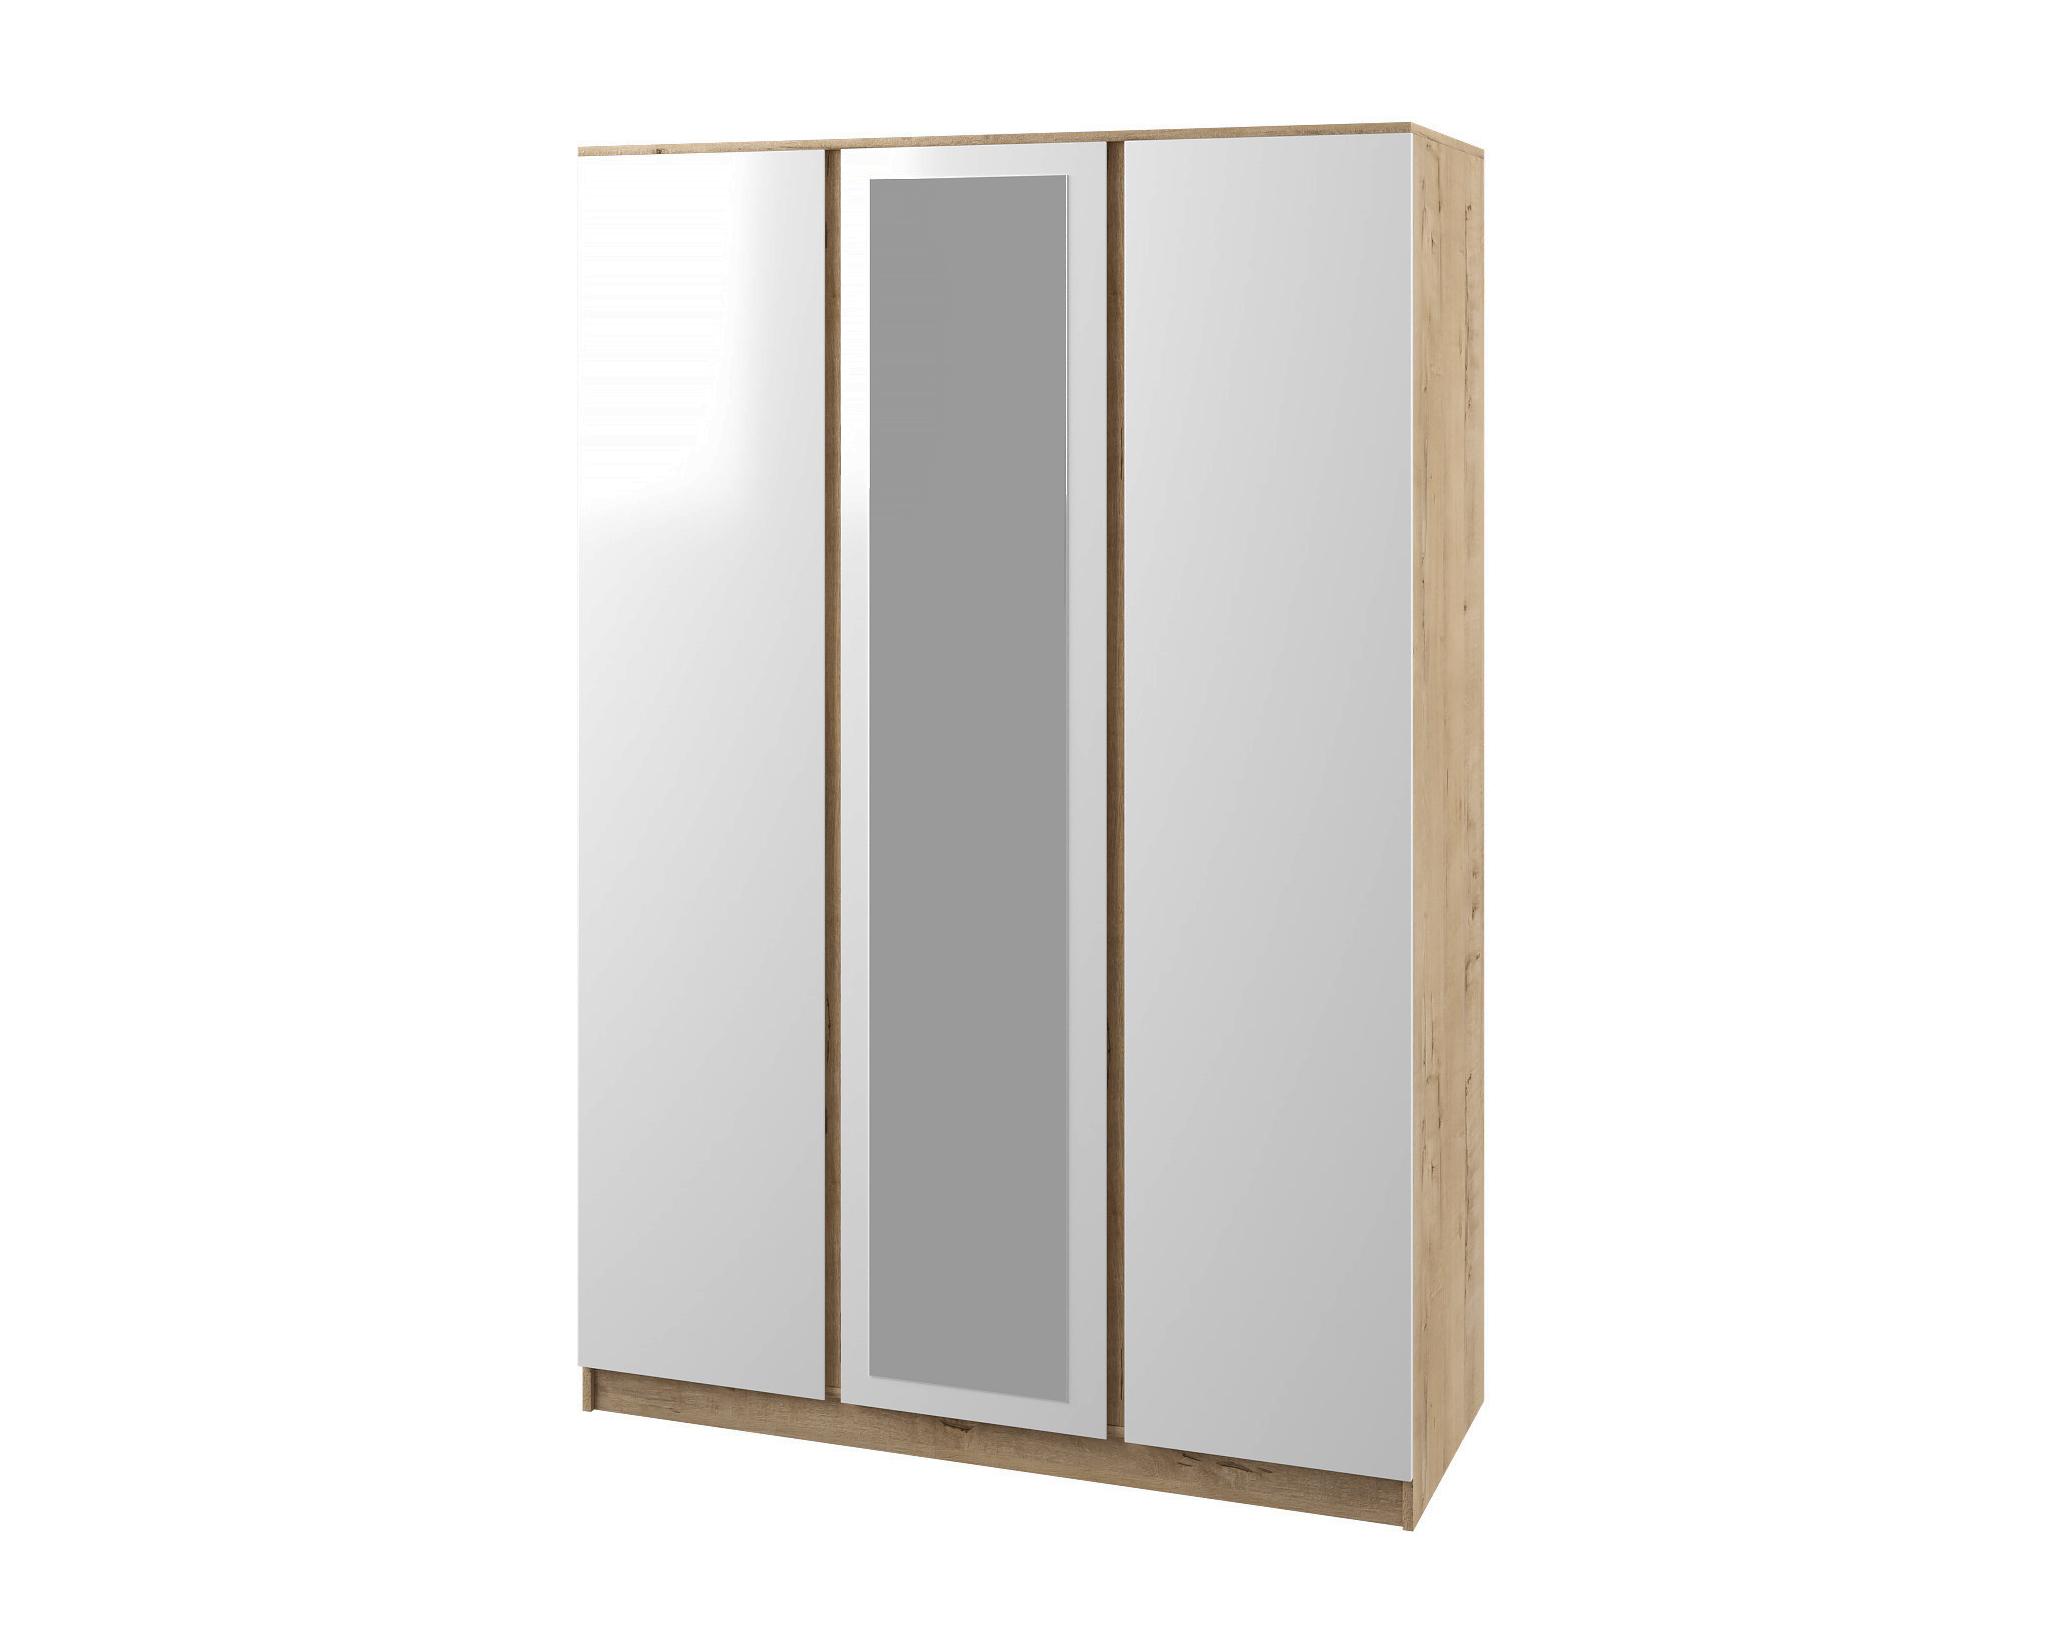 Марли шкаф МШК 1400.1 полки штанга